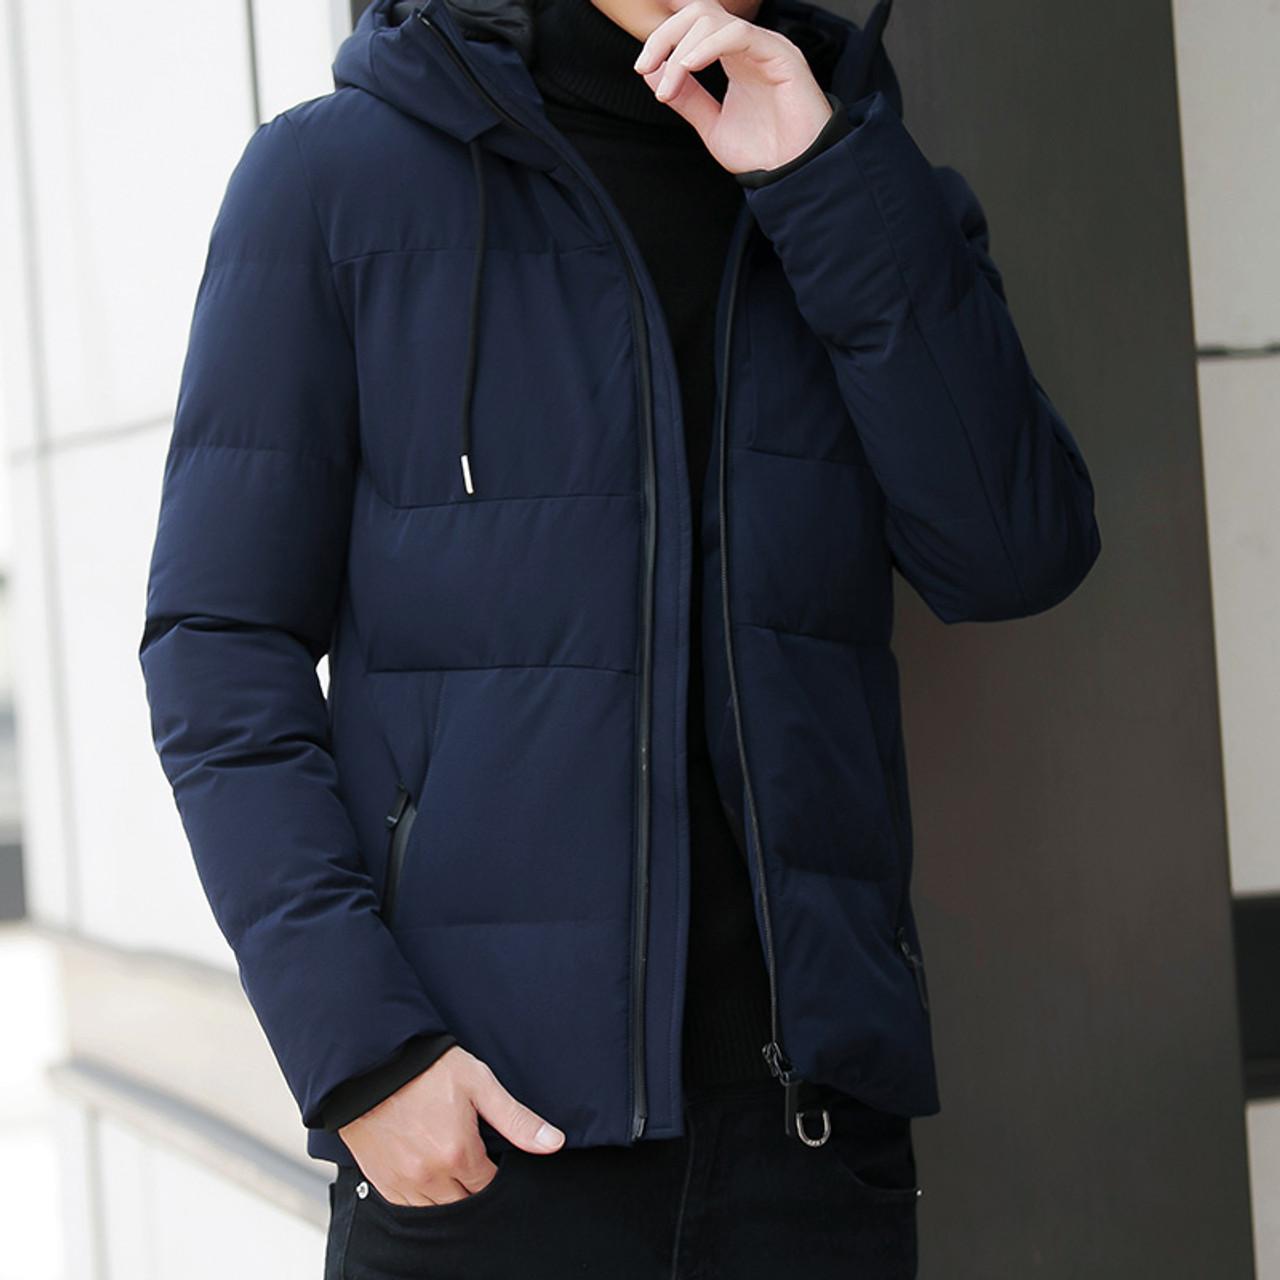 winter jacket men parka fashion hooded jacket slim cotton. Black Bedroom Furniture Sets. Home Design Ideas